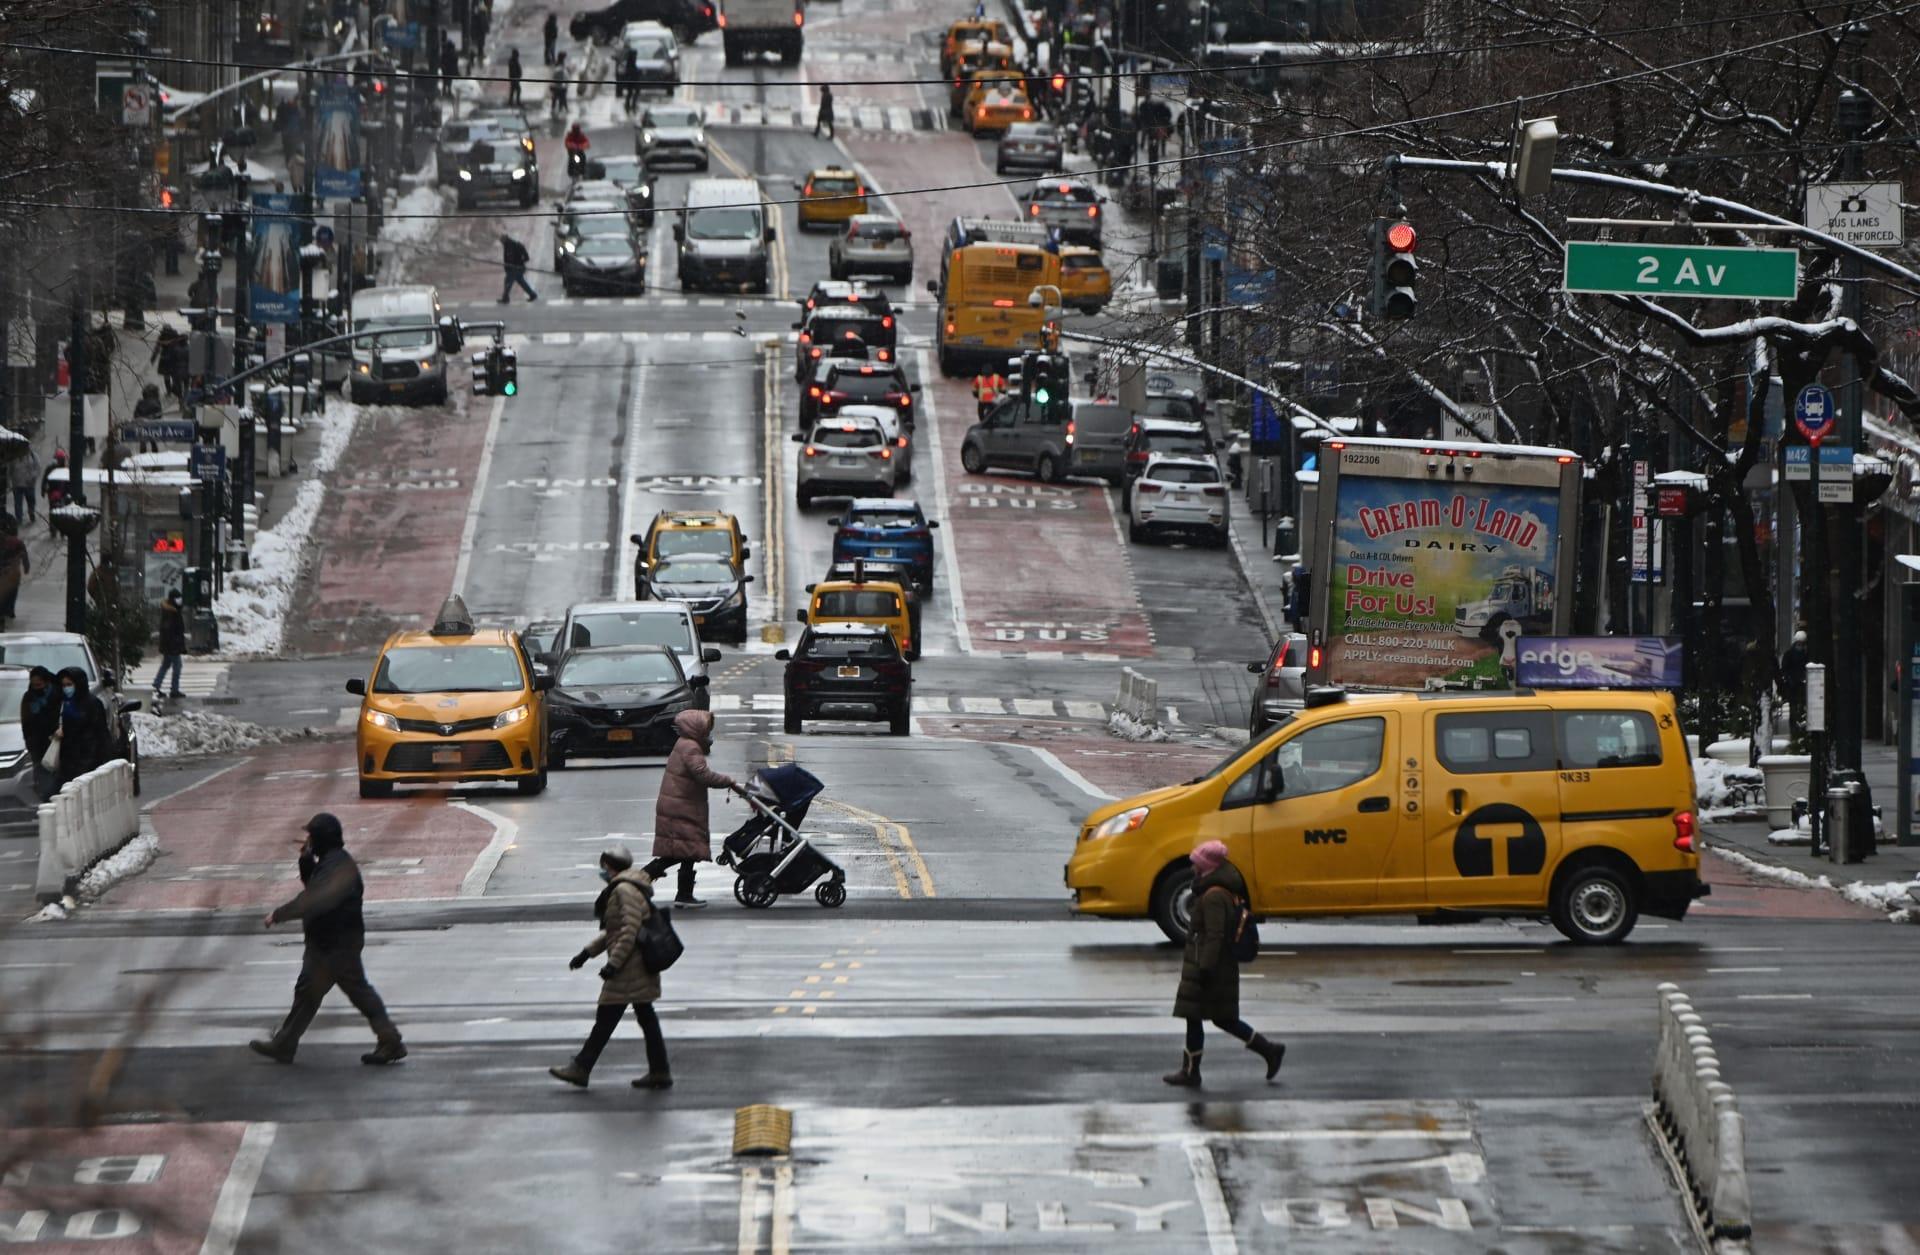 تهرب من جهاز المناعة واستجابته.. سلالة جديدة لكورونا تنتشر في نيويورك وتثير القلق